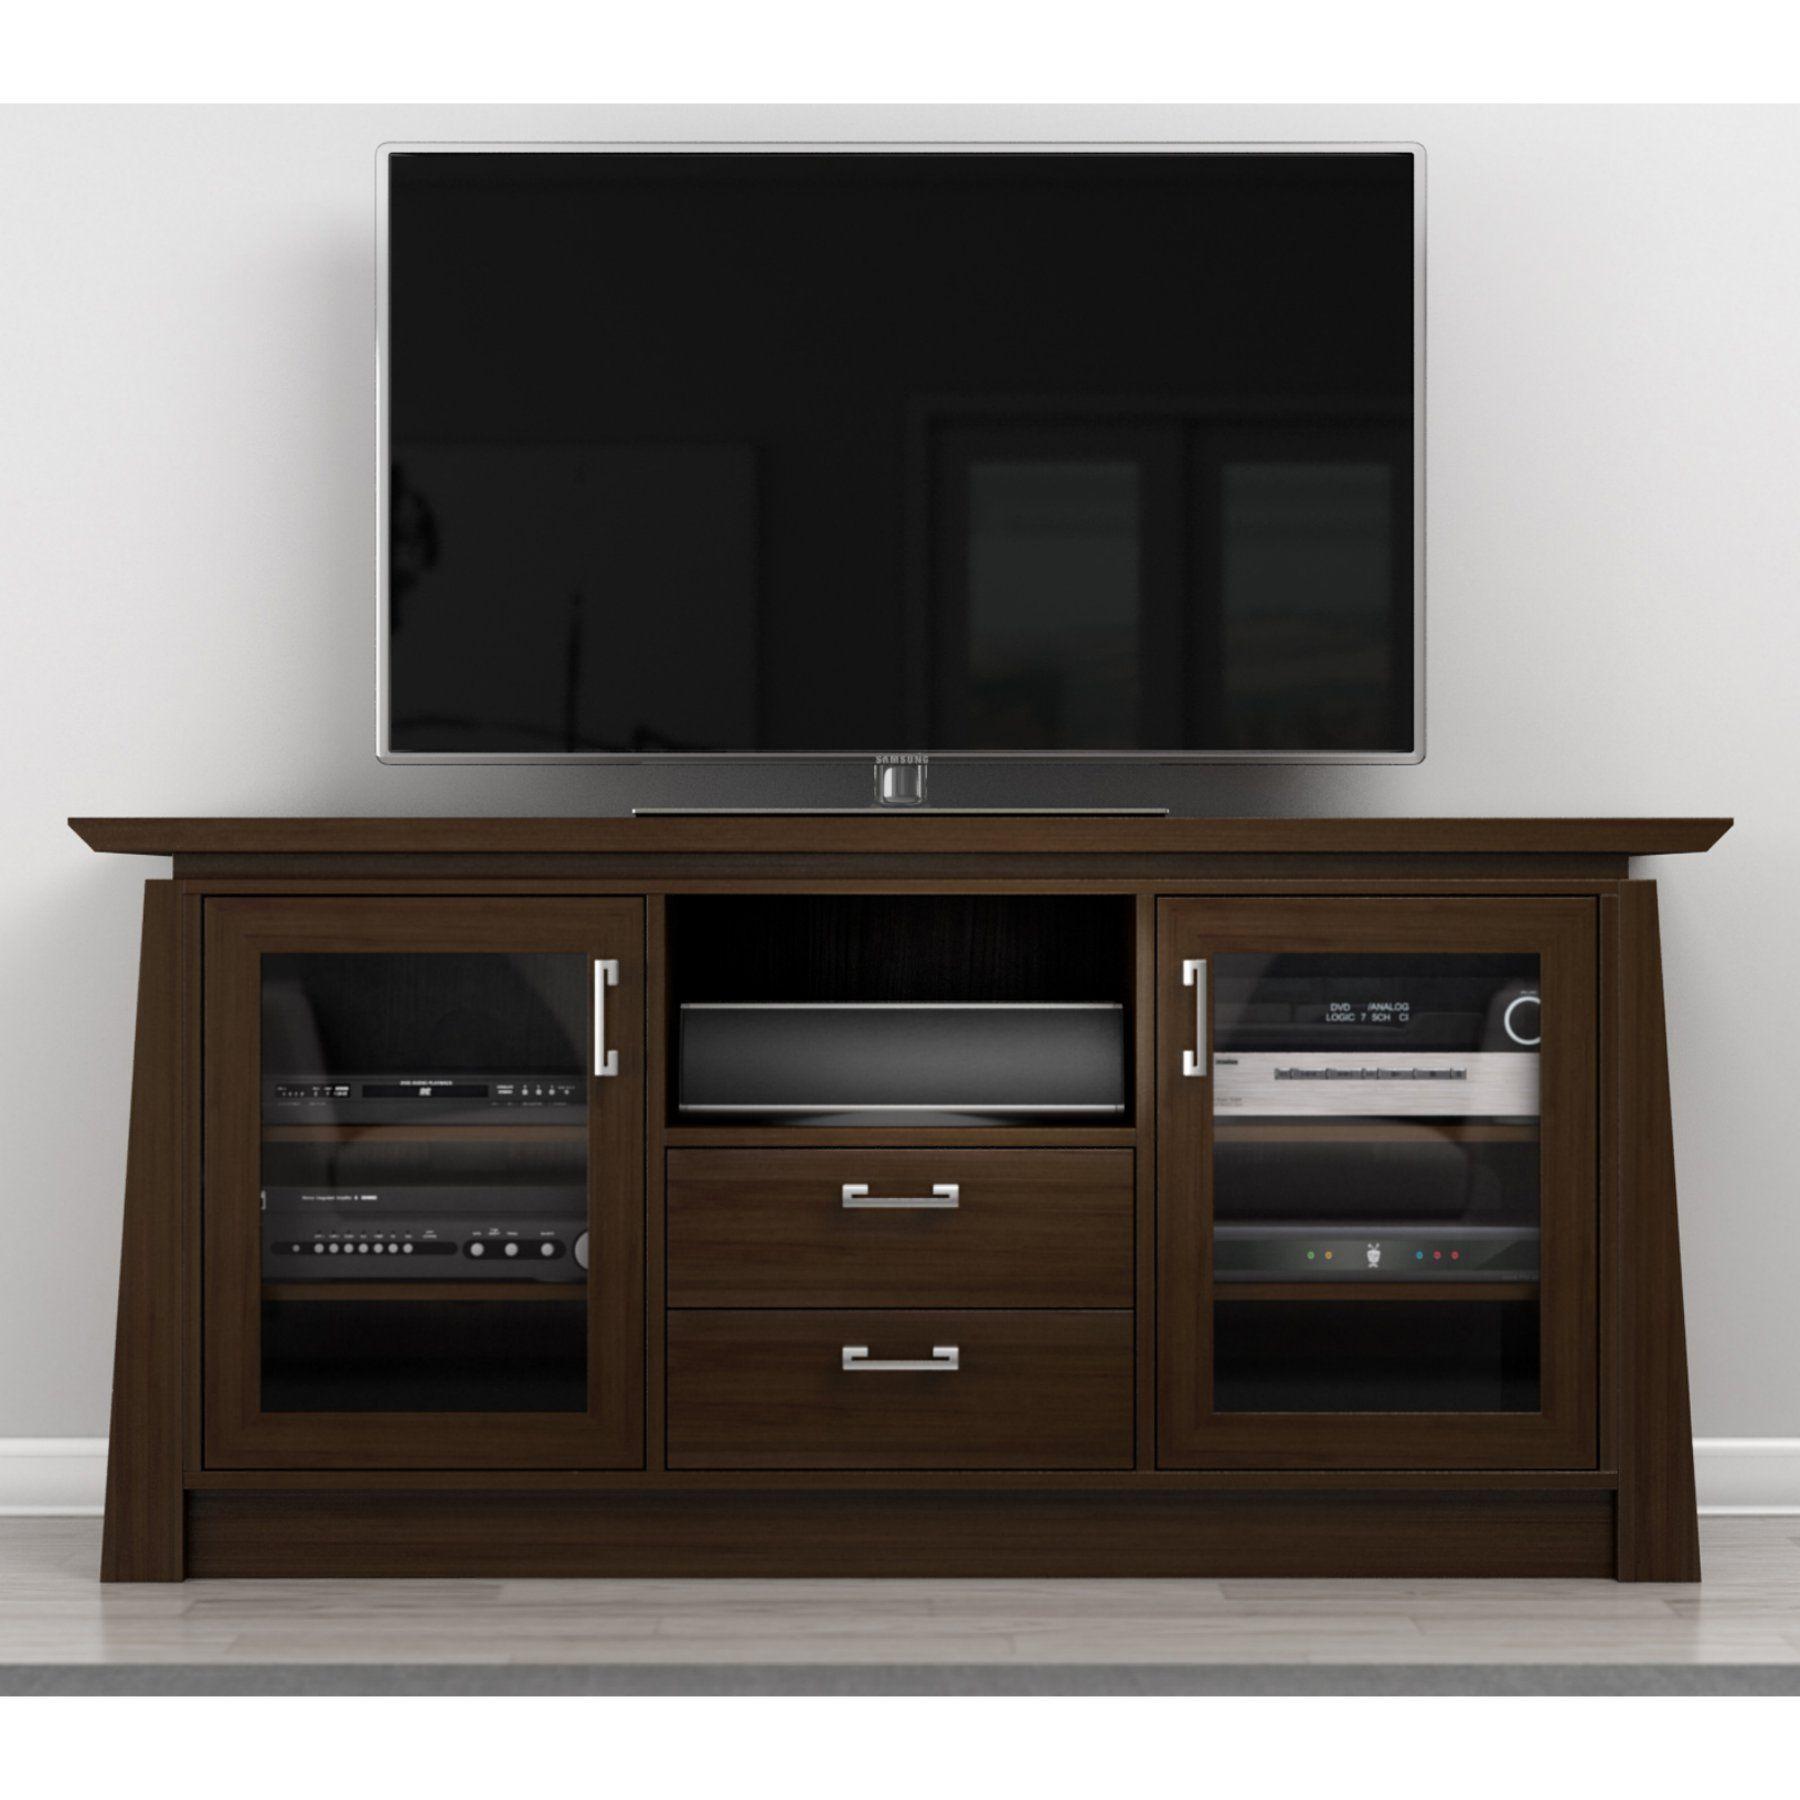 Furnitech Elegante 70 Inch Tv Stand Elegante 70 Inch Tv Stand